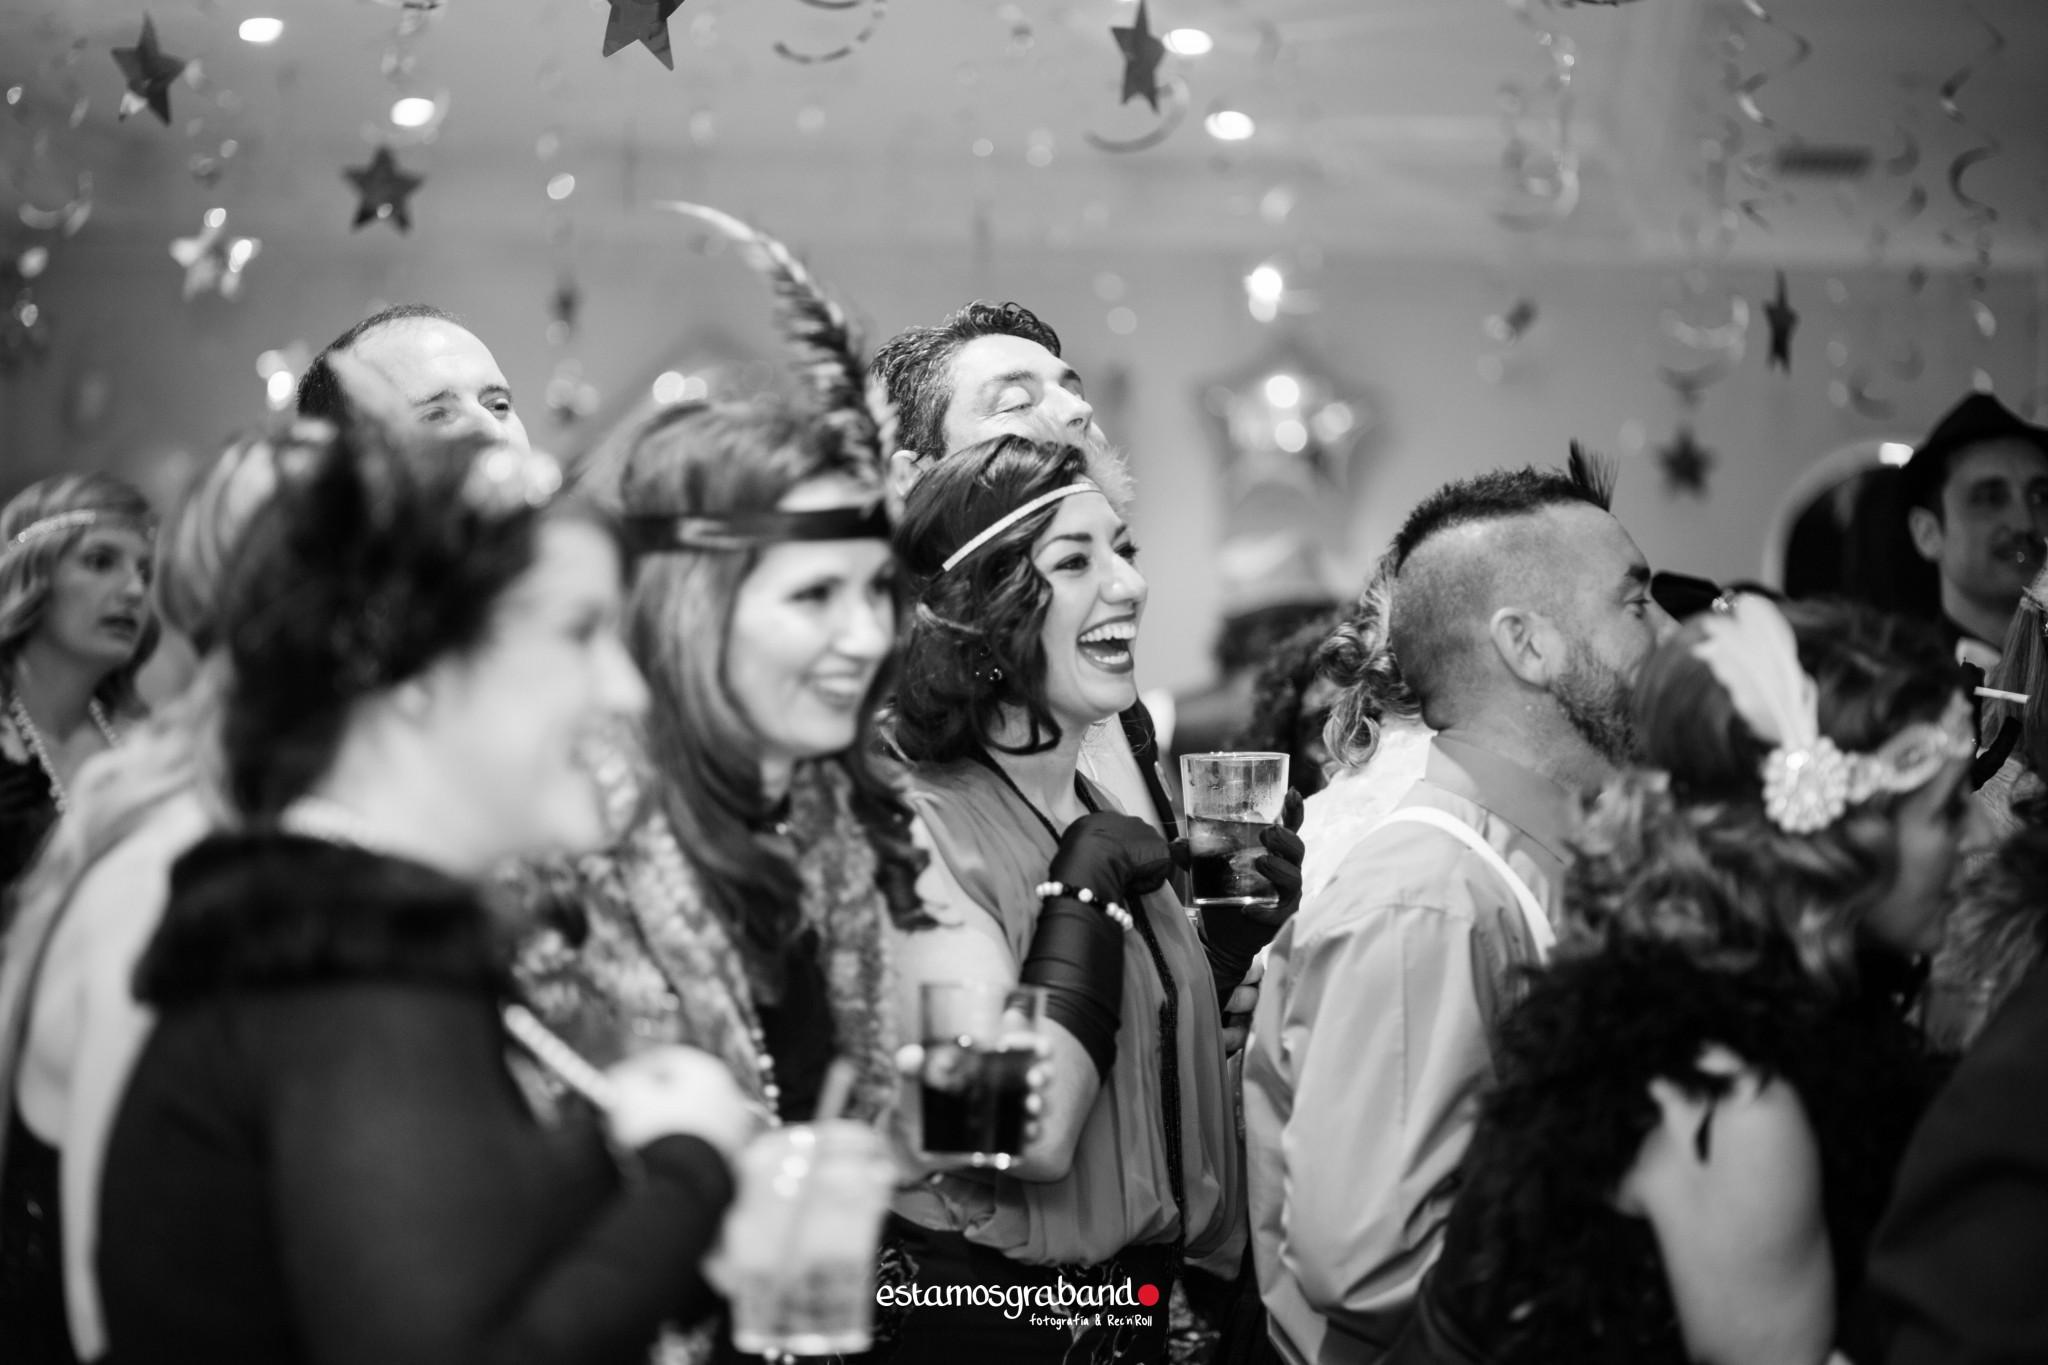 Años-20-BBTP-72-de-109 Los locos Años 20 [Fotografía en La Teta de Julieta, Cádiz] - video boda cadiz